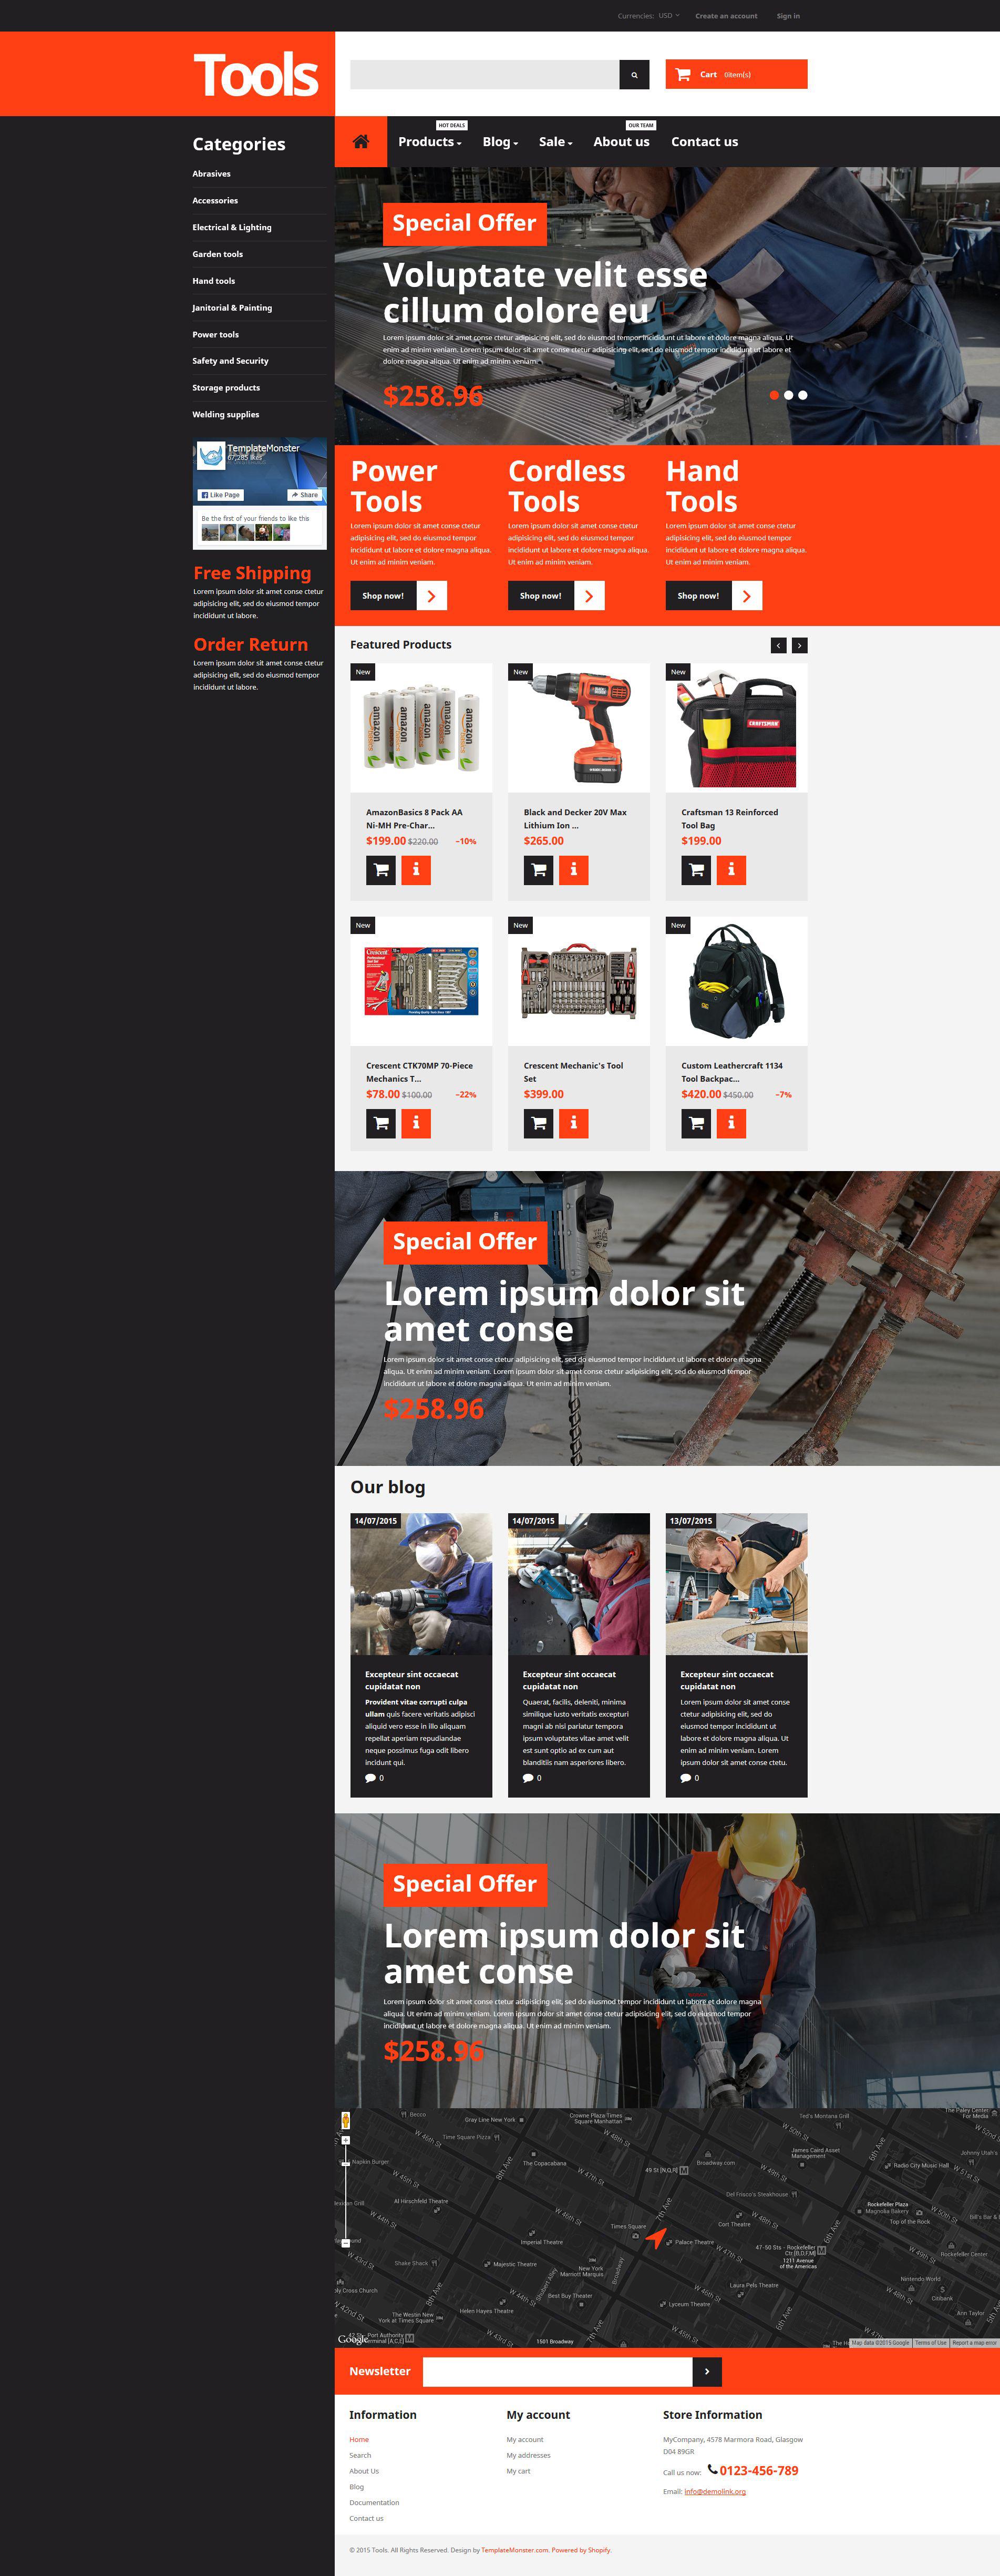 Адаптивный Shopify шаблон №55111 на тему инструменты и оборудование